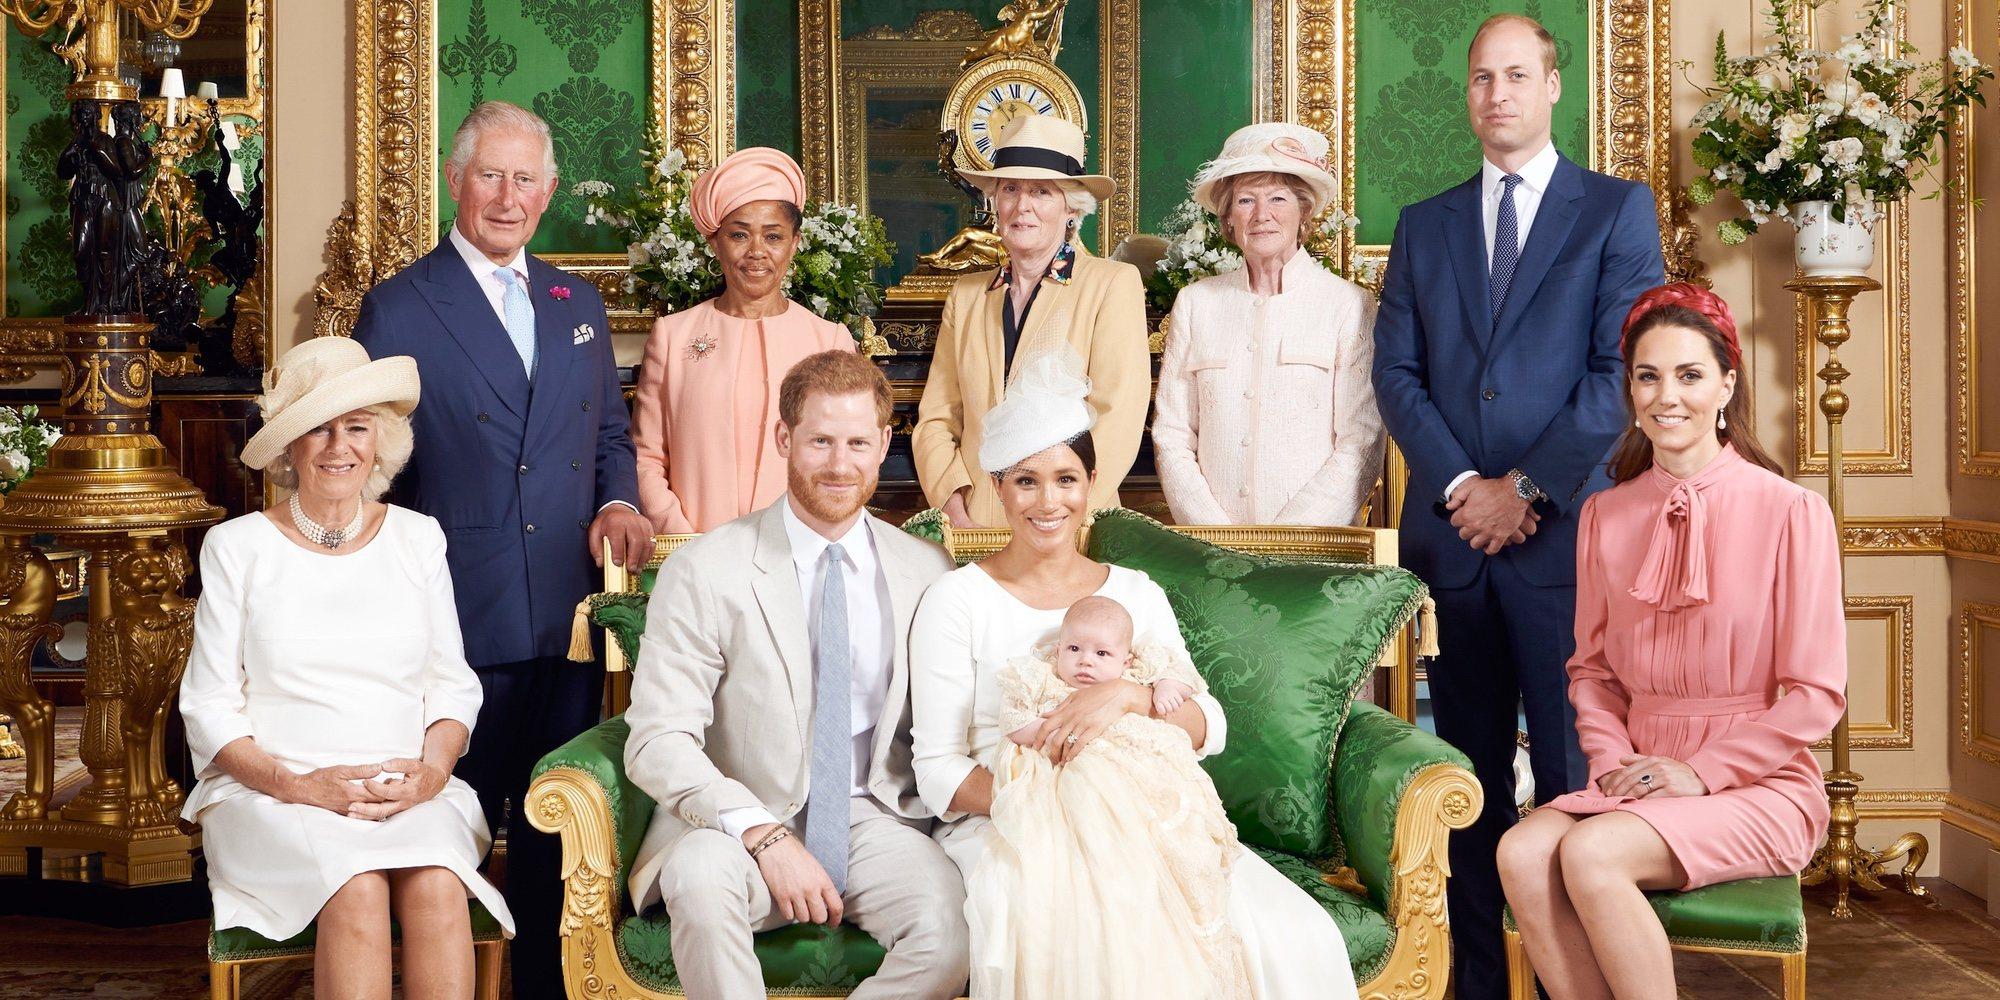 Los motivos por los que nunca se conocerá la identidad de los padrinos de Archie Harrison Mountbatten-Windsor